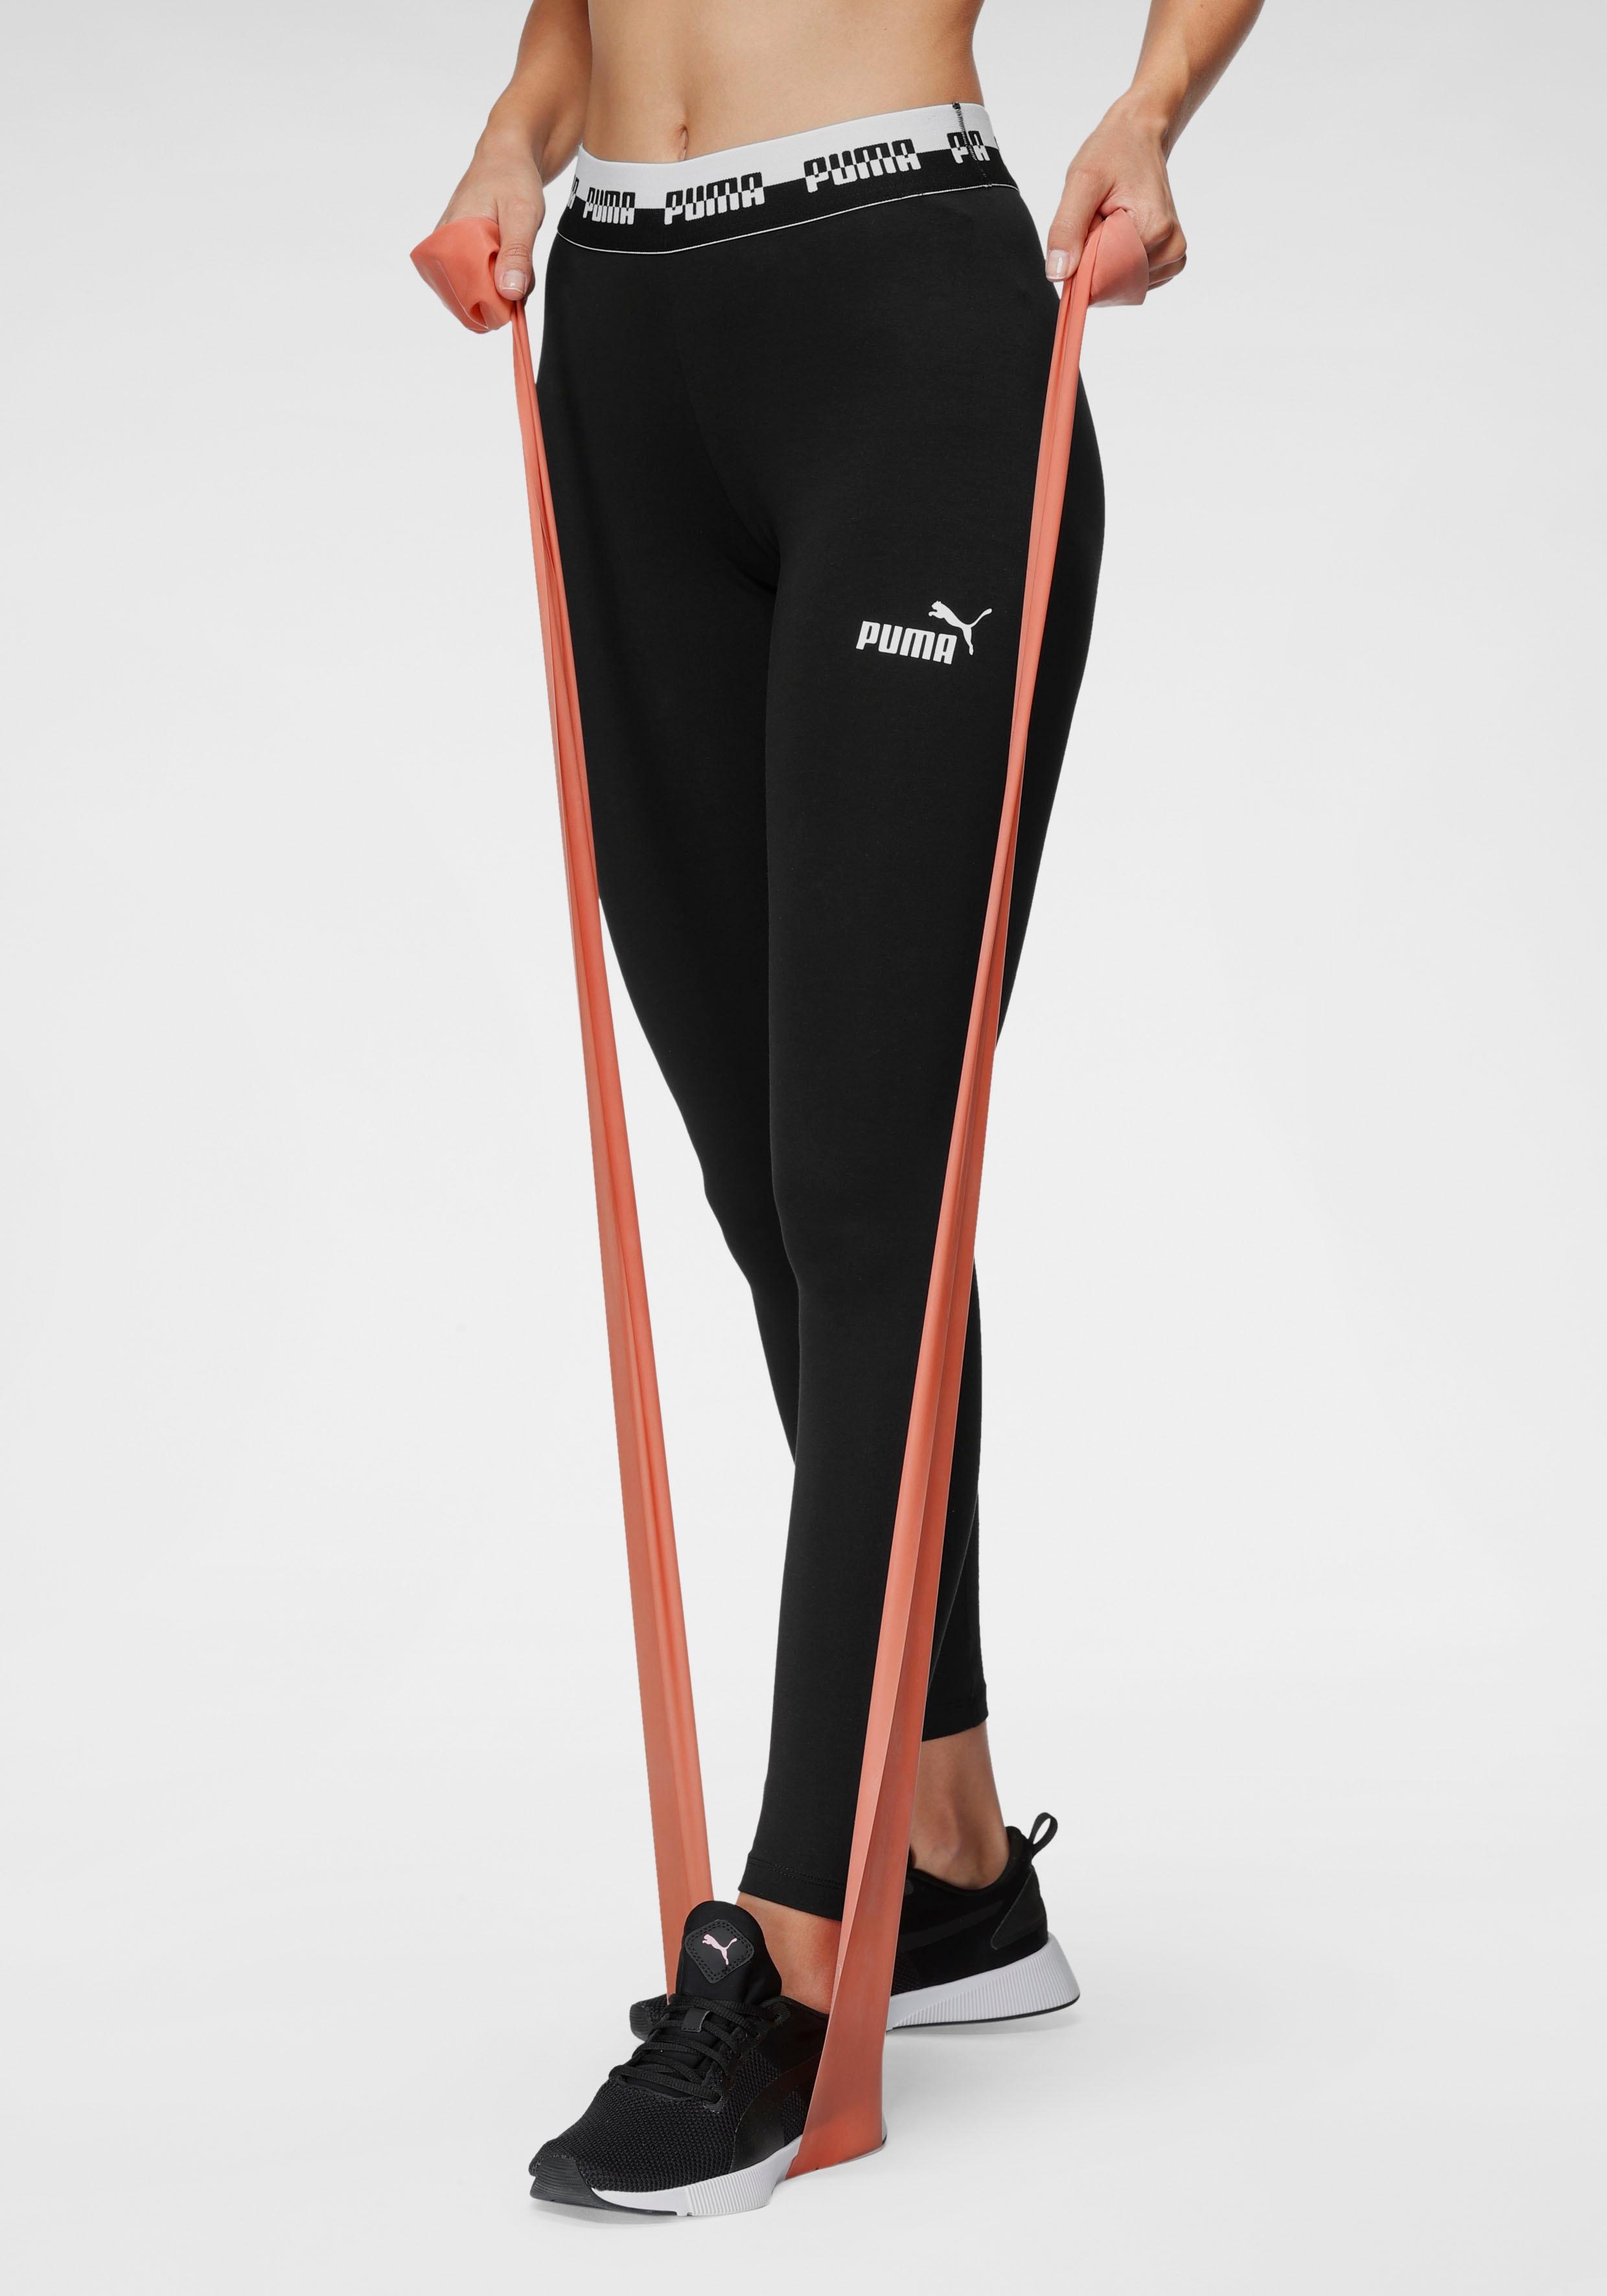 puma -  Leggings Amplified Leggings